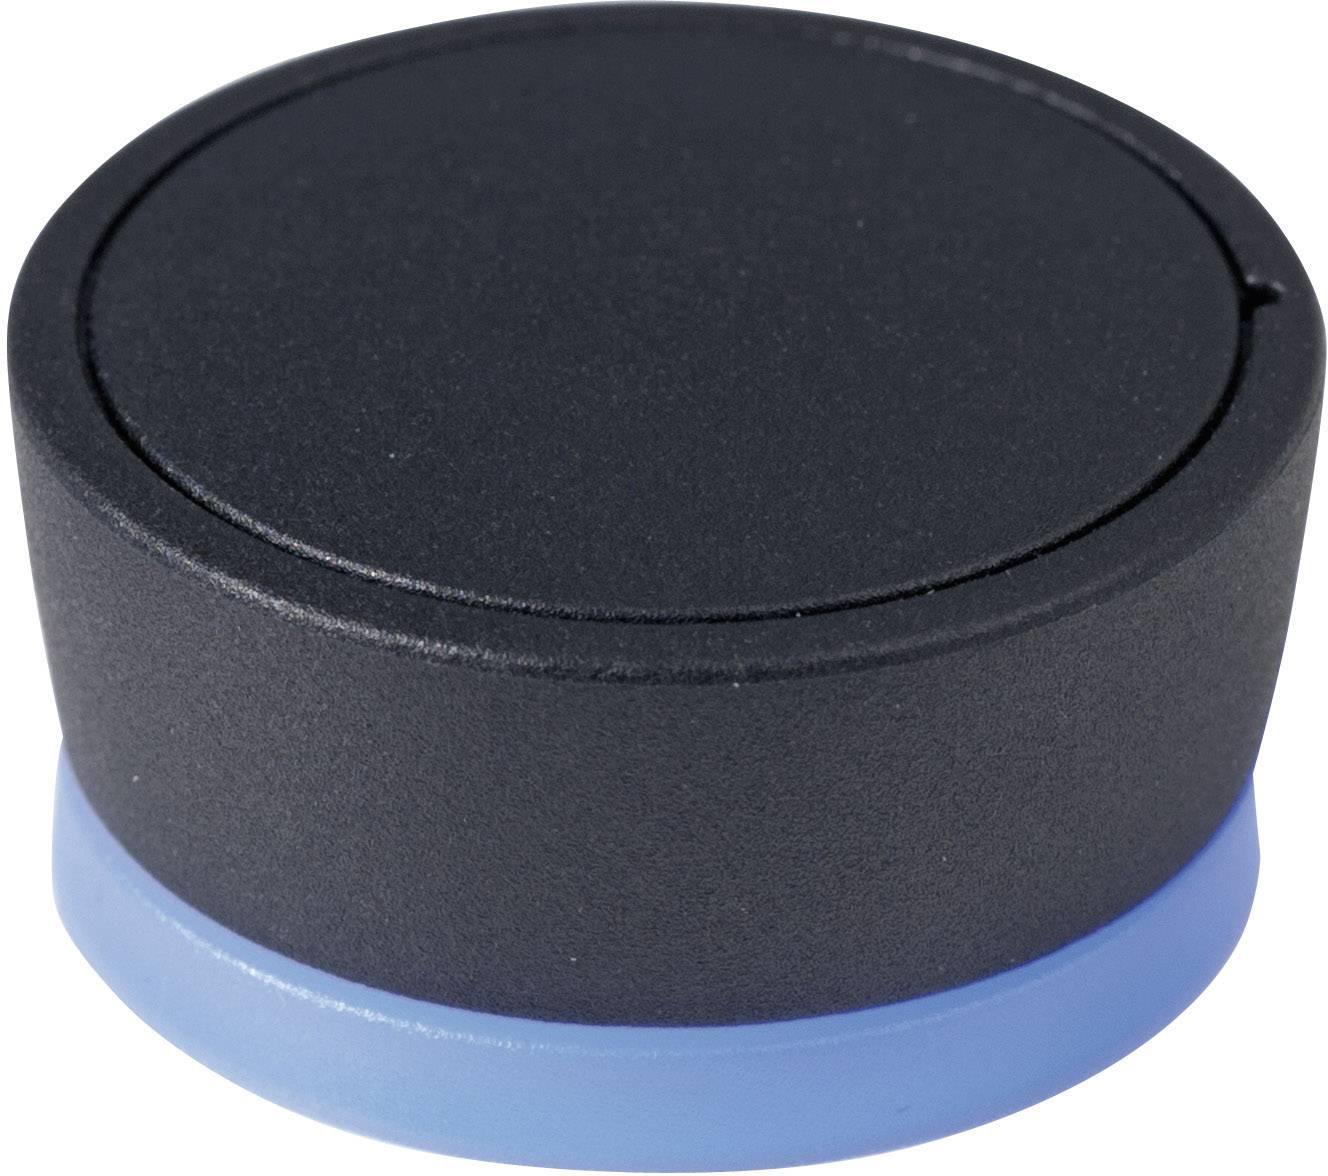 Ovládácí knoflík OKW D8733019, 6 mm, podsvícení RGB, černá